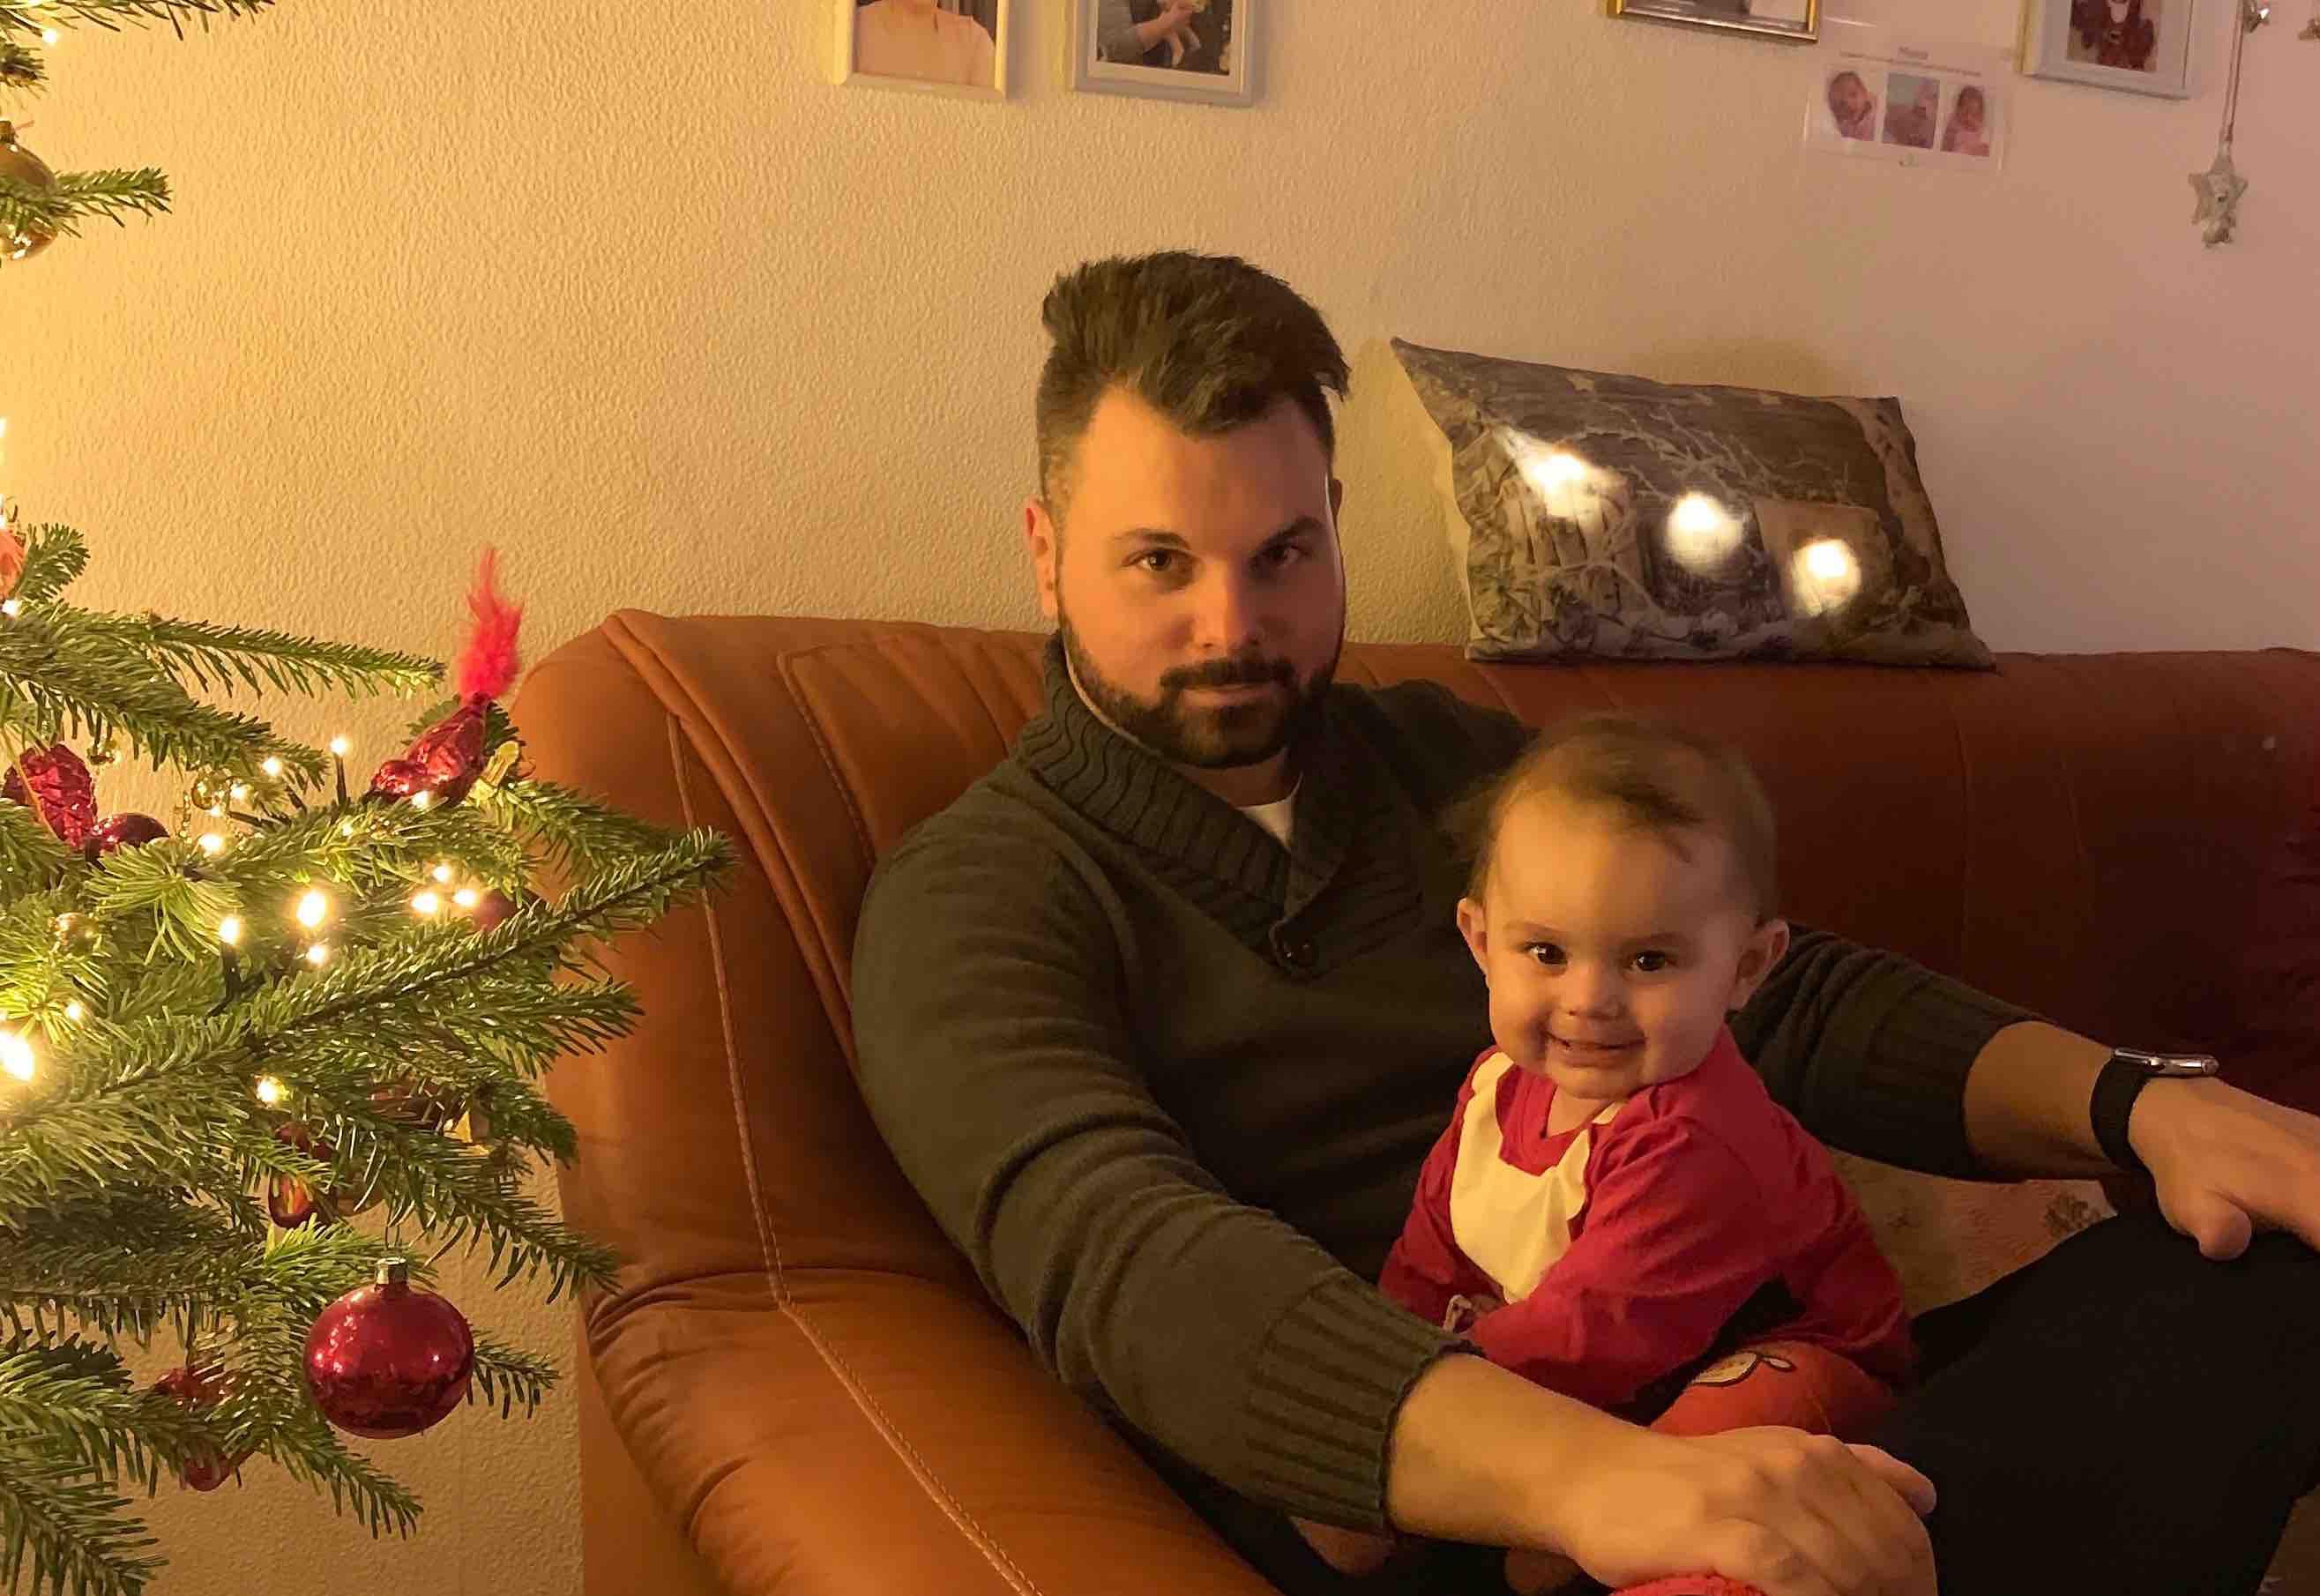 Matthias_-Nichte_Weihnachten_Artikelbild Das war 2018 und was für 2019 ansteht